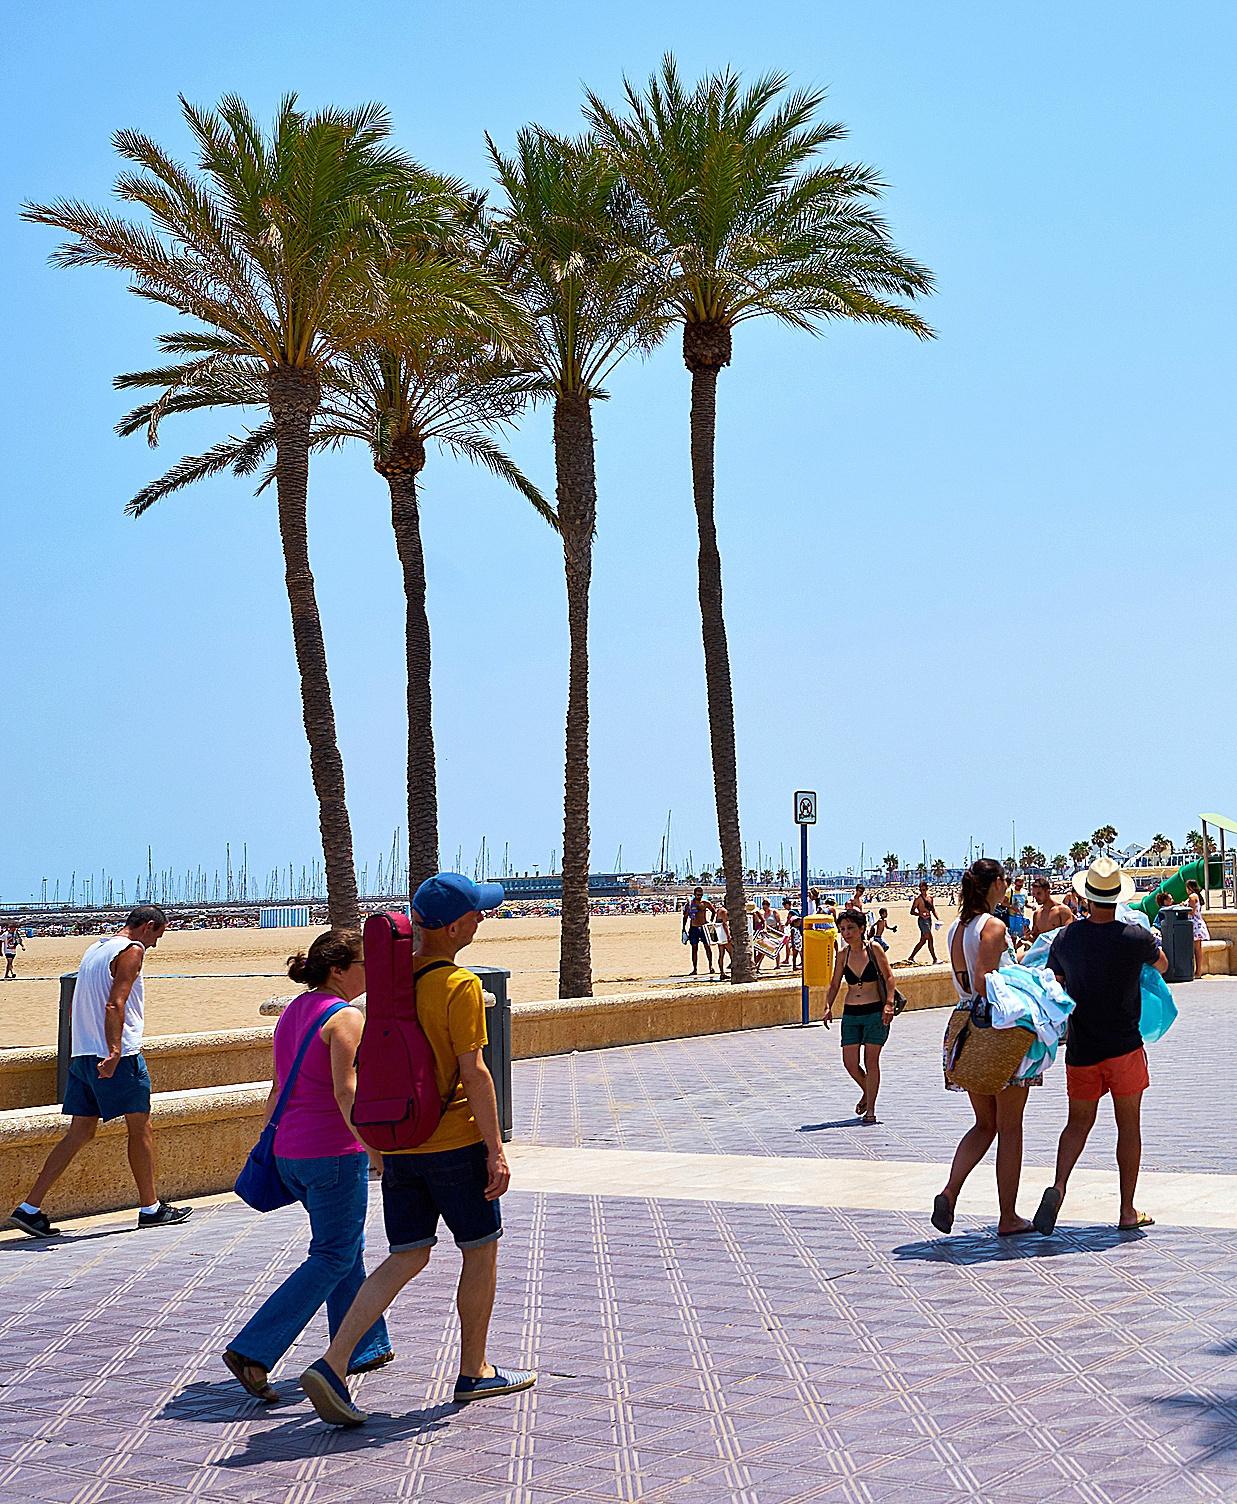 Vecinos de Valencia en el paseo marítimo de la playa de la Malvarrosa.